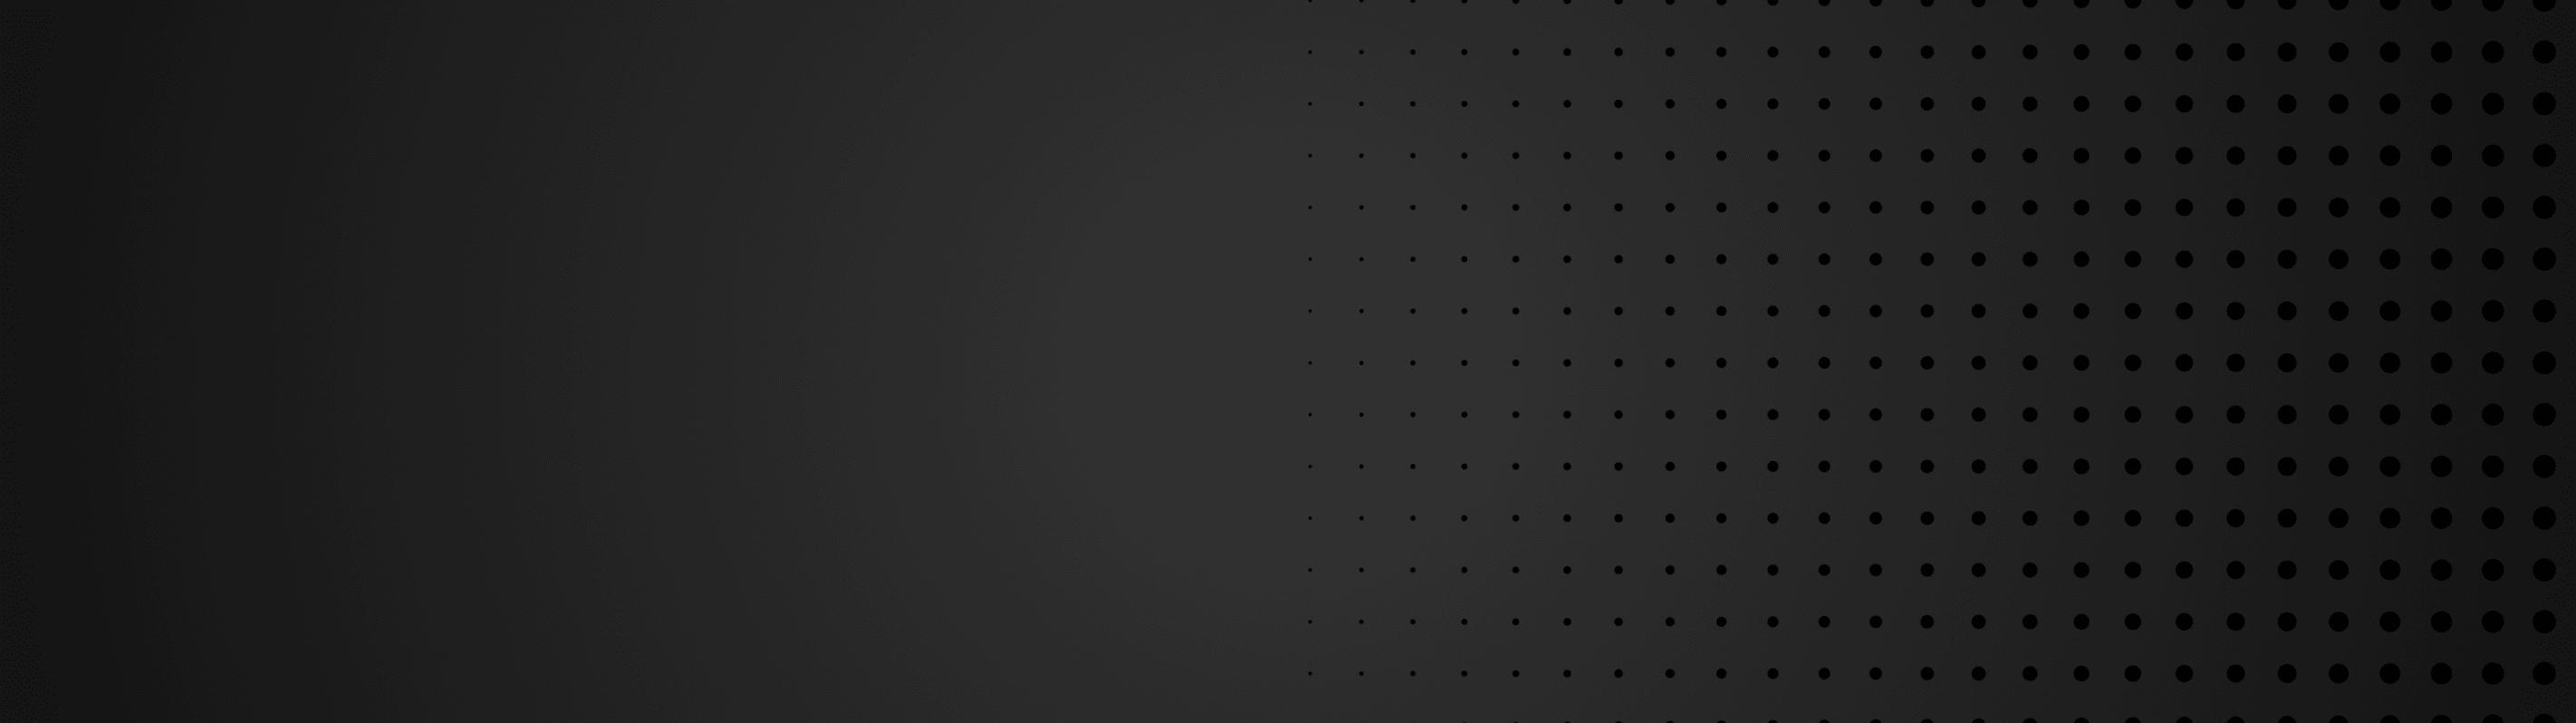 Titelbild Hintergrund dunkelgrau